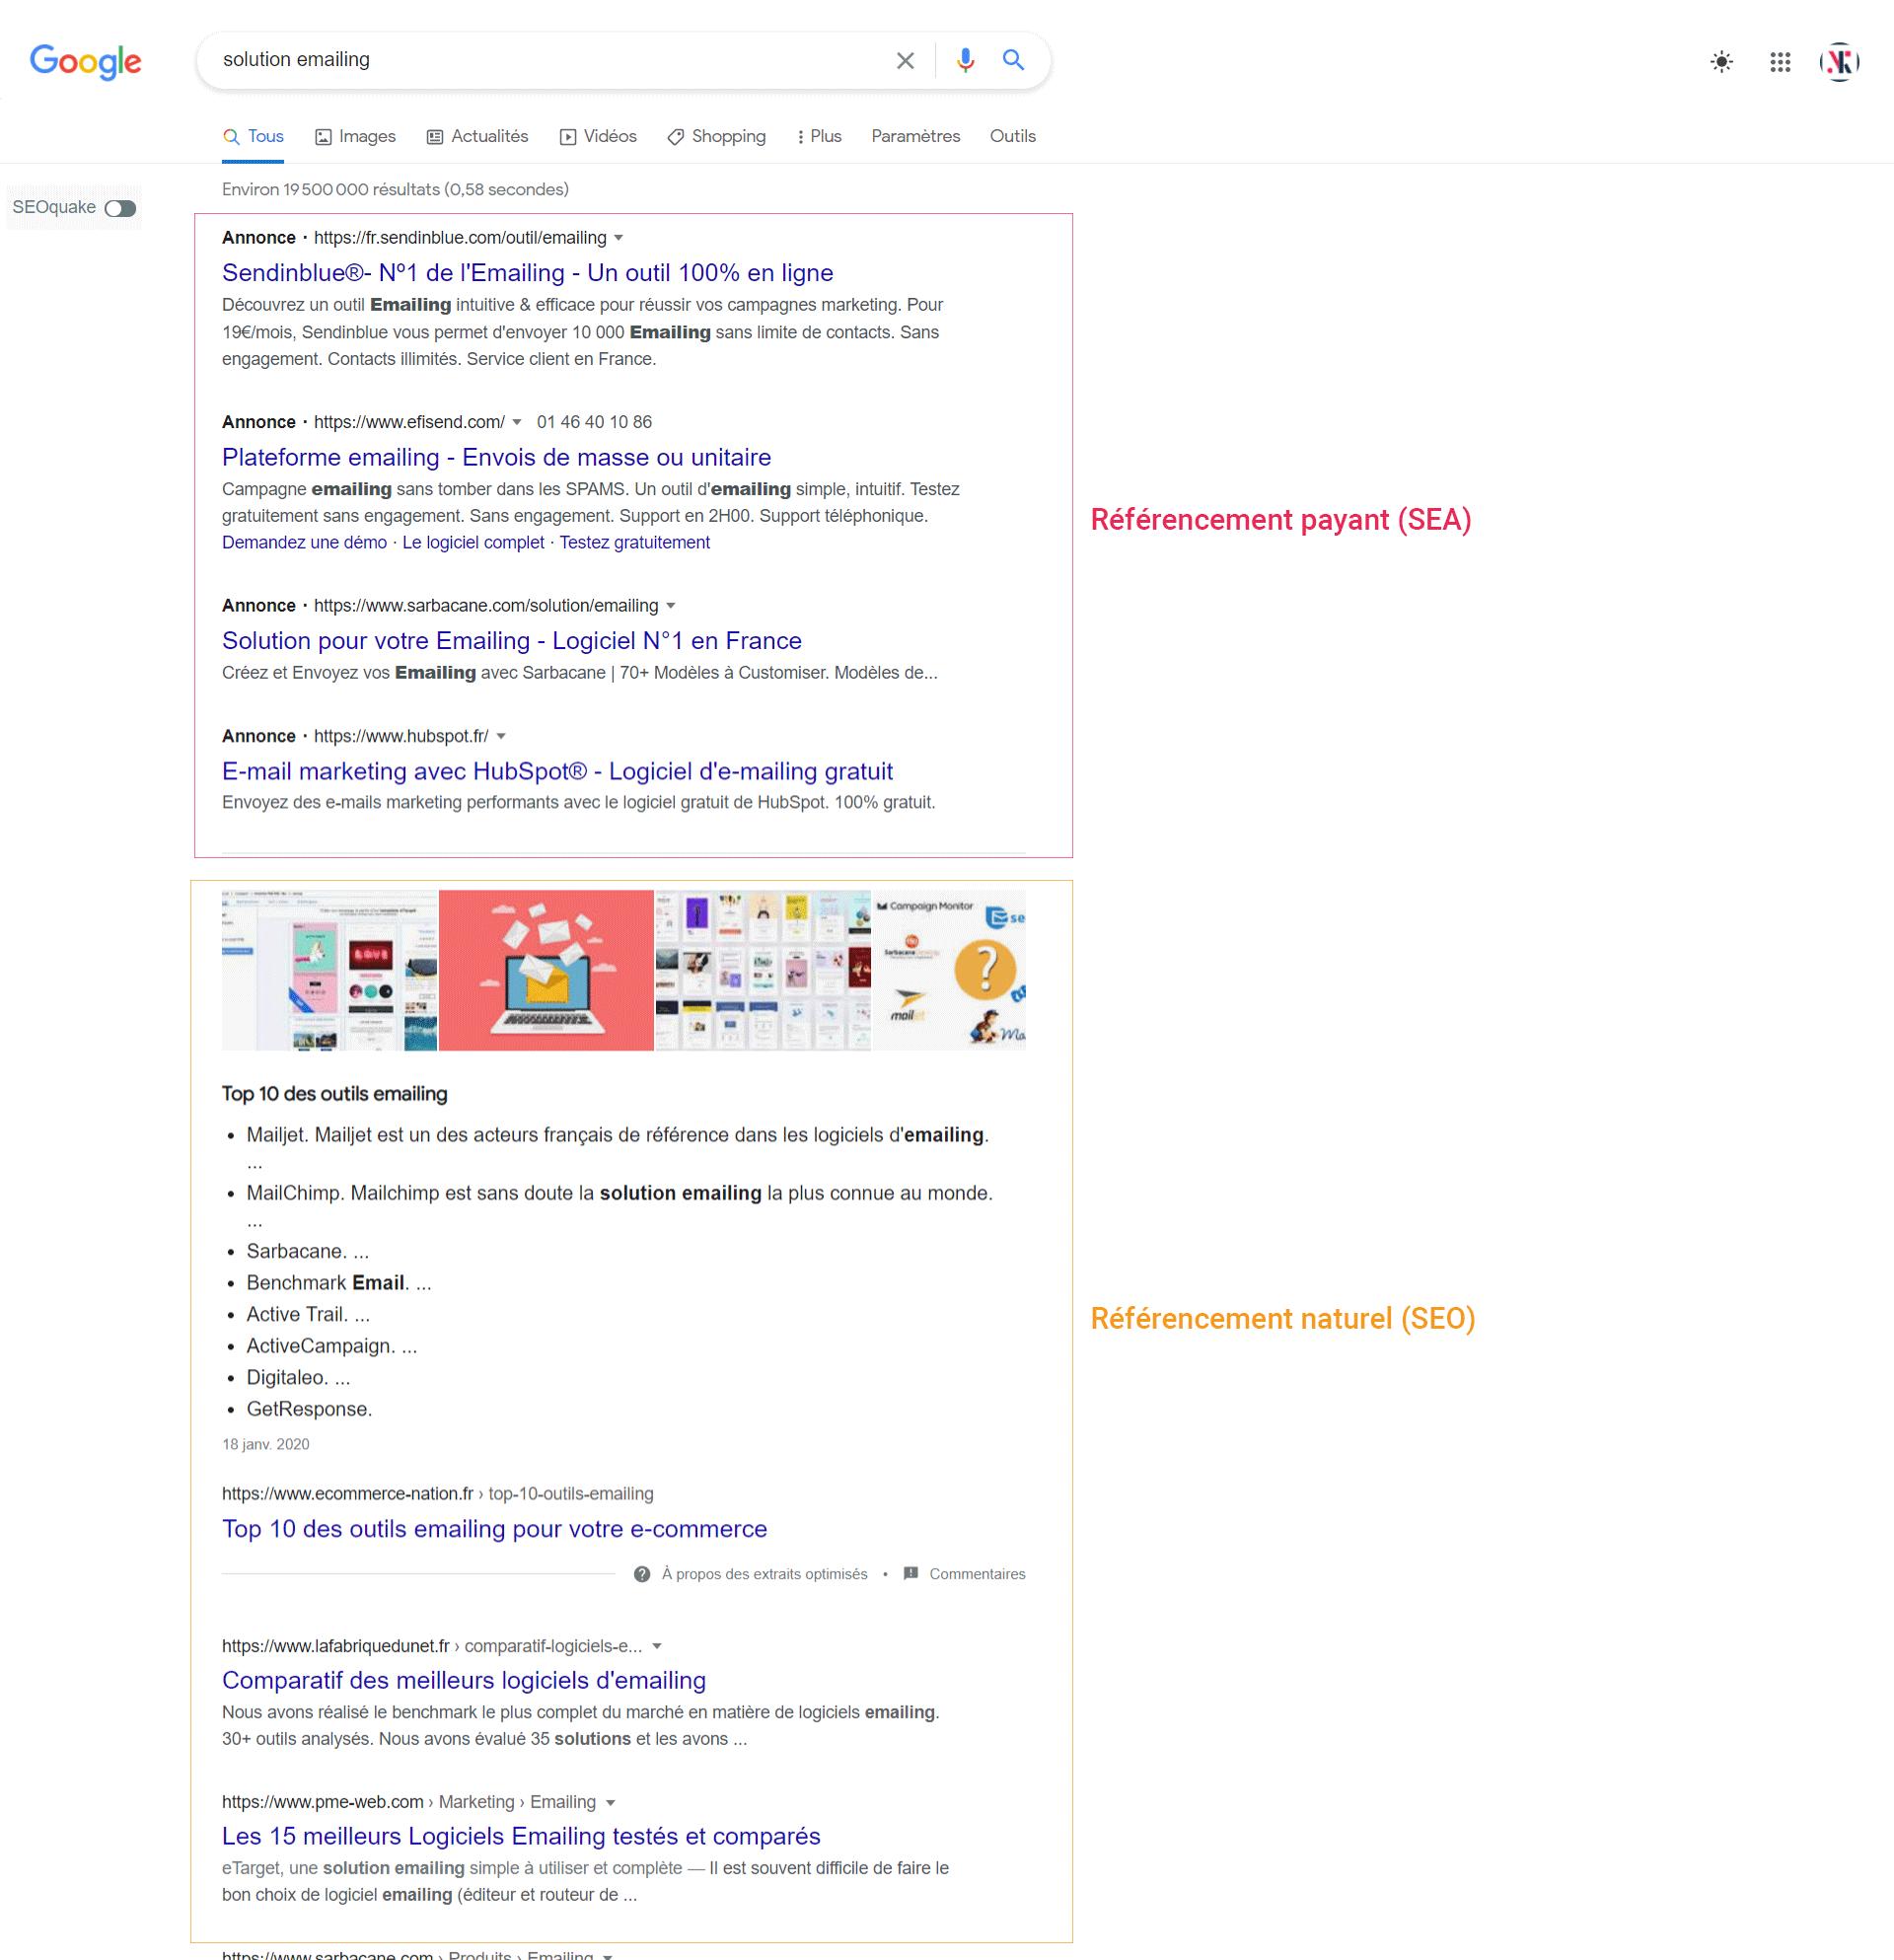 Les résultats dans le moteur de recherche Google Ads, SEA, vs référencement naturel SEO